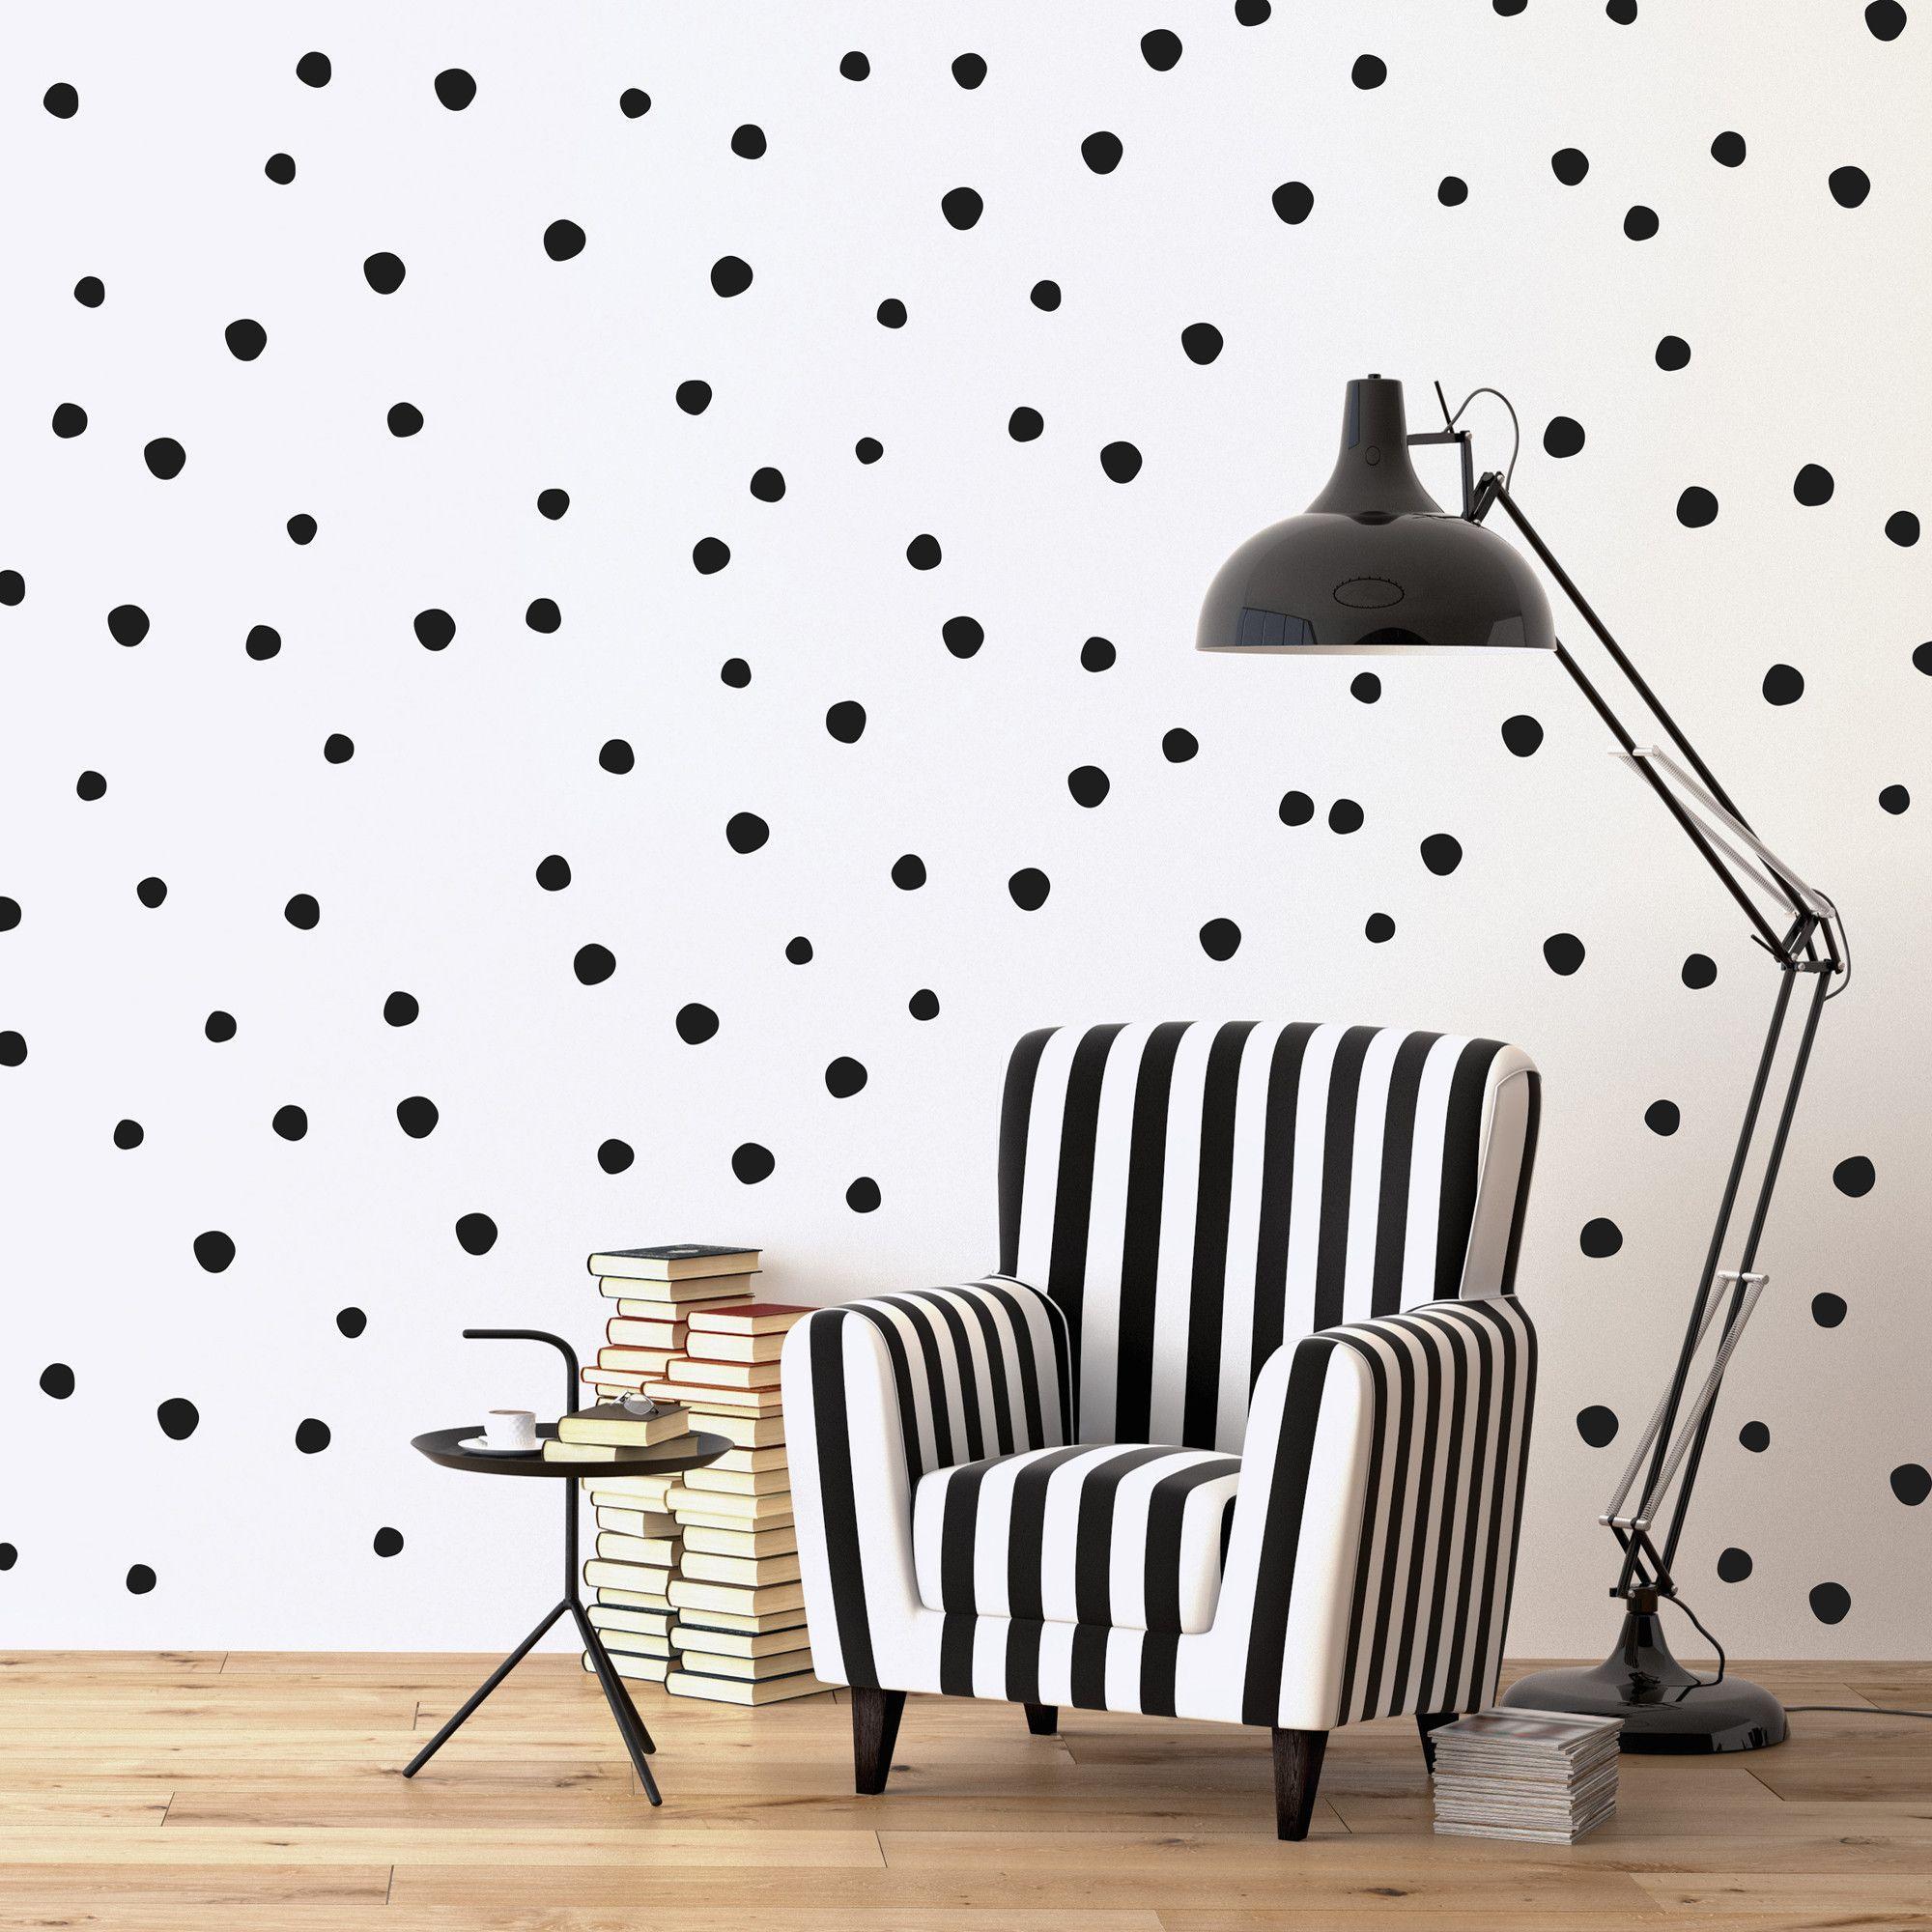 Irregular Polka Dots Wall Decals Polka Dot Walls Wall Stickers Polka Dots Kitchen Wall Decals